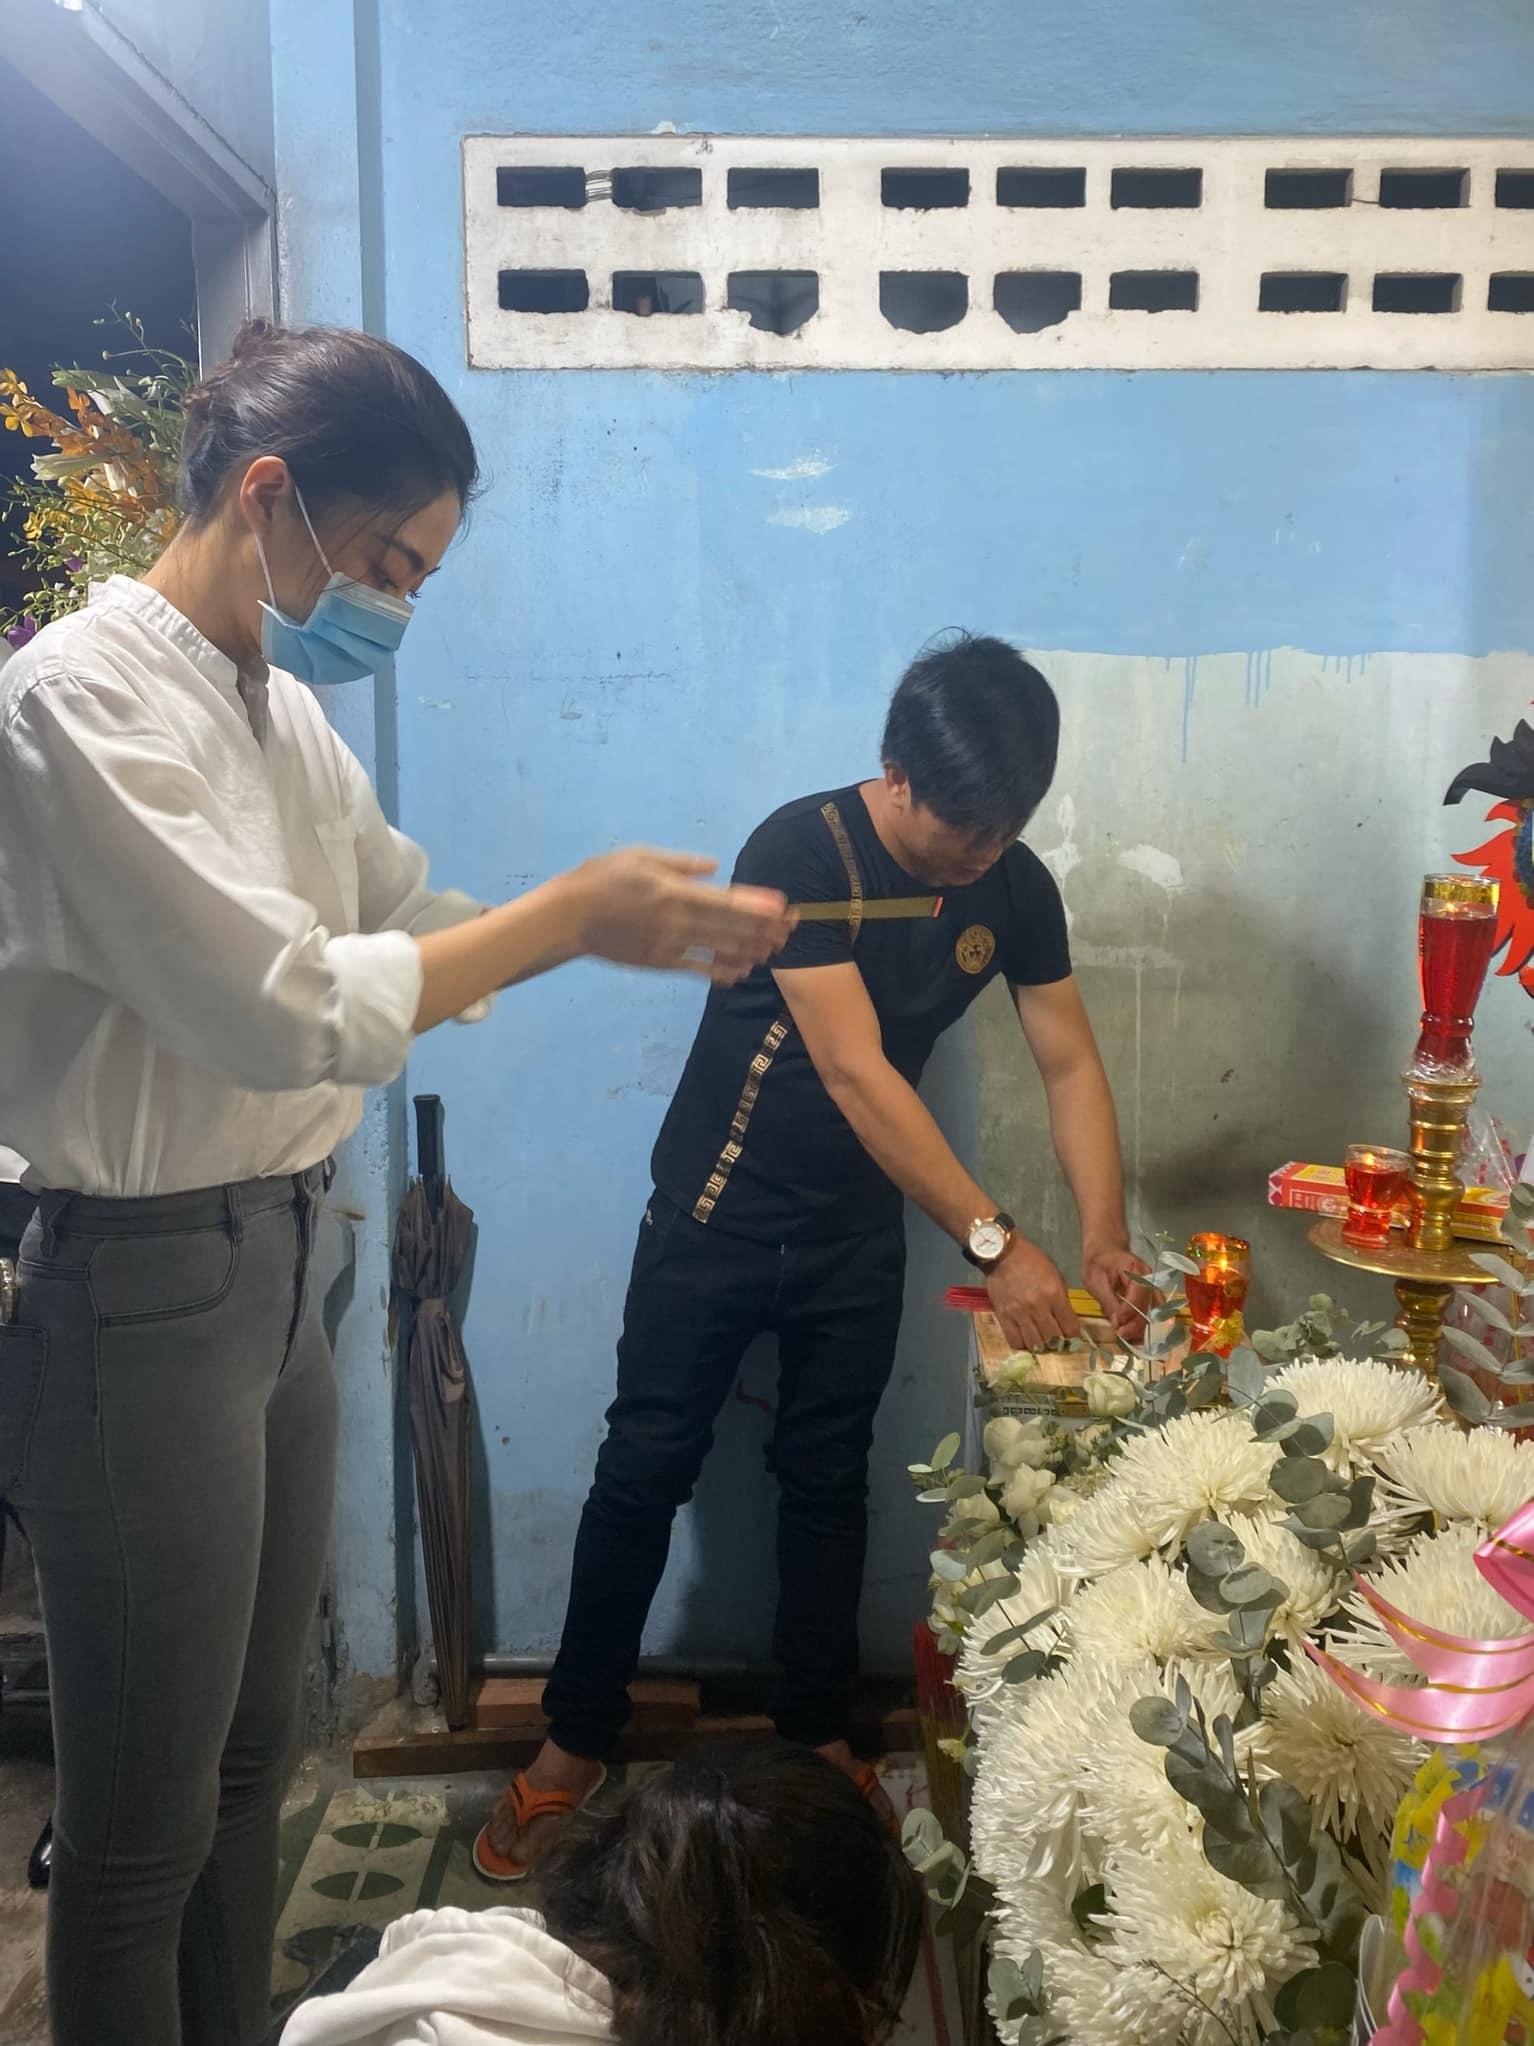 Hoa hậu Lương Thuỳ Linh làm điều đặc biệt cho gia đình nam sinh lớp 6 bị cây đè tử vong - 1